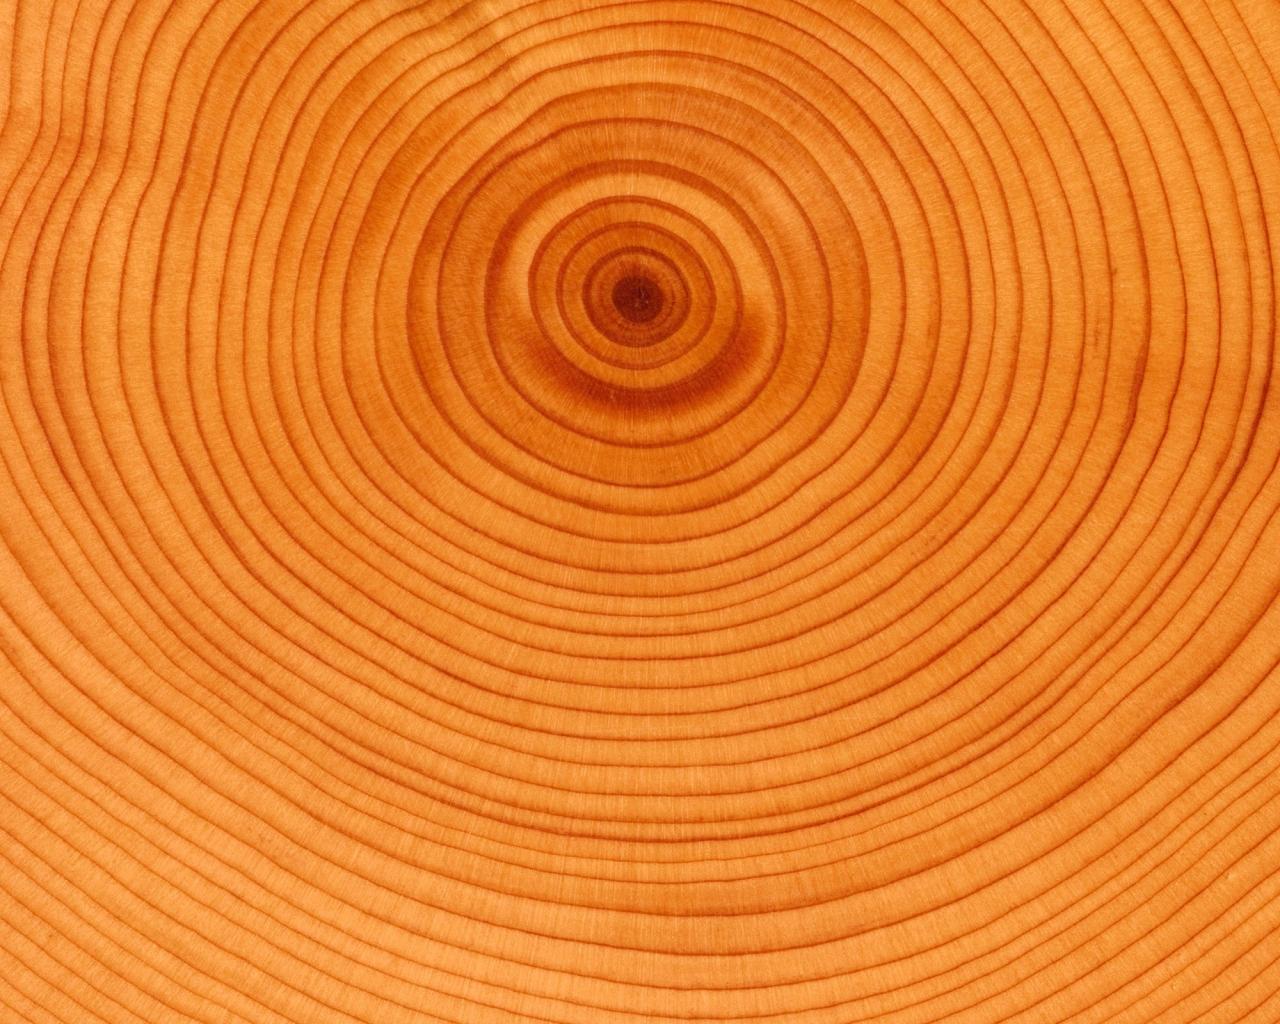 Textura de anillos de árbol - 1280x1024